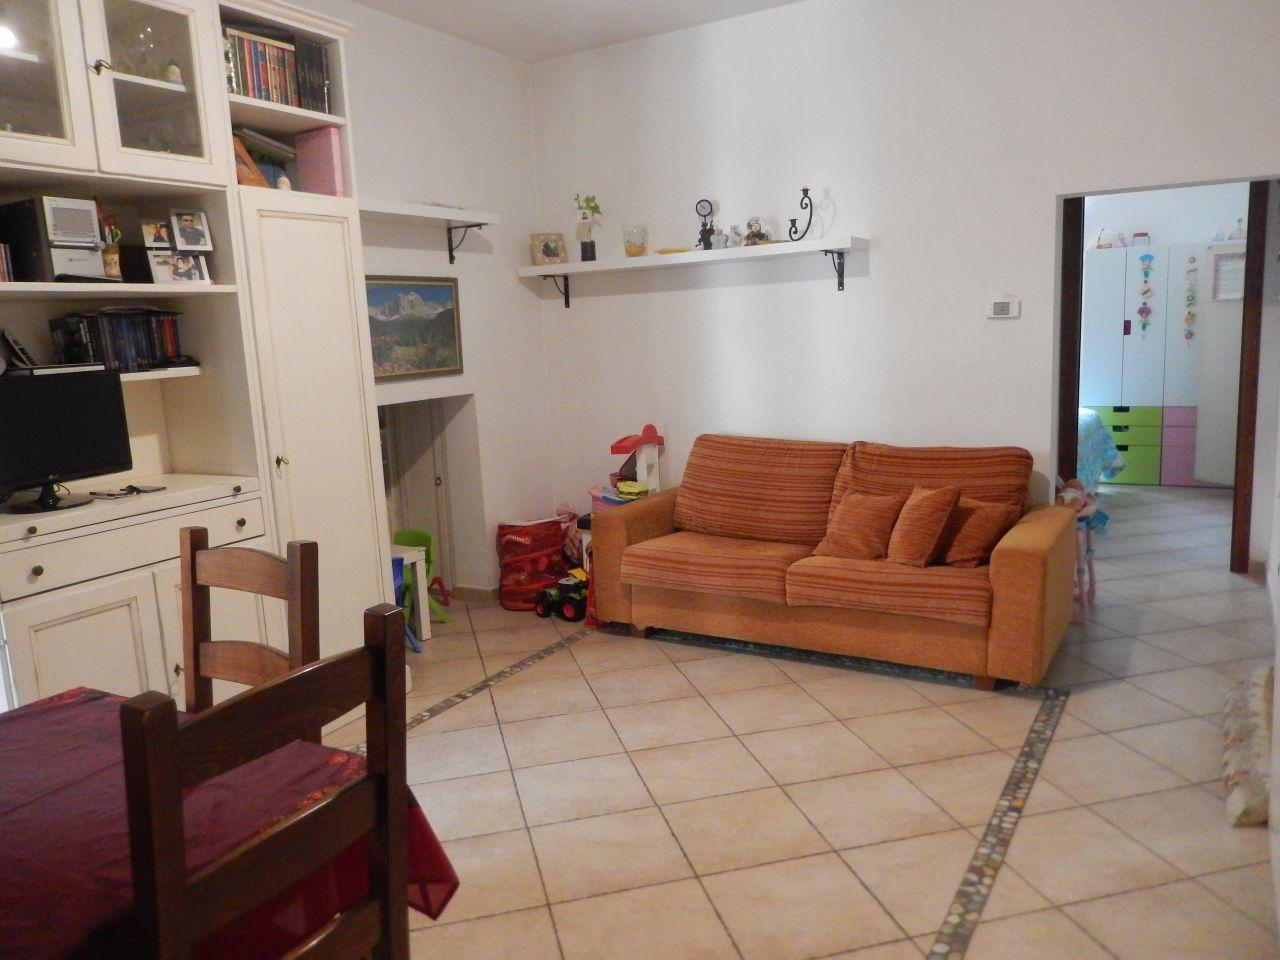 Appartamento in vendita a Vaiano, 2 locali, zona Località: VAIANO, prezzo € 85.000 | Cambio Casa.it